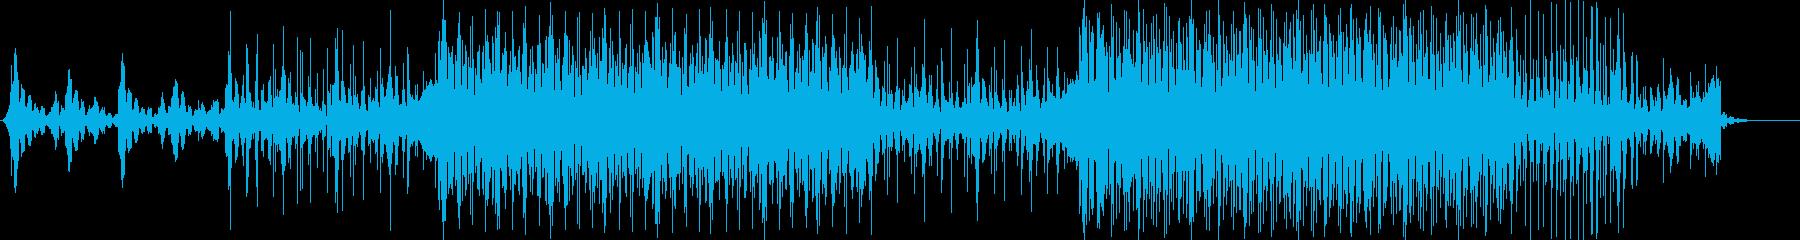 企業VP、CM、トロピカルハウス-01aの再生済みの波形